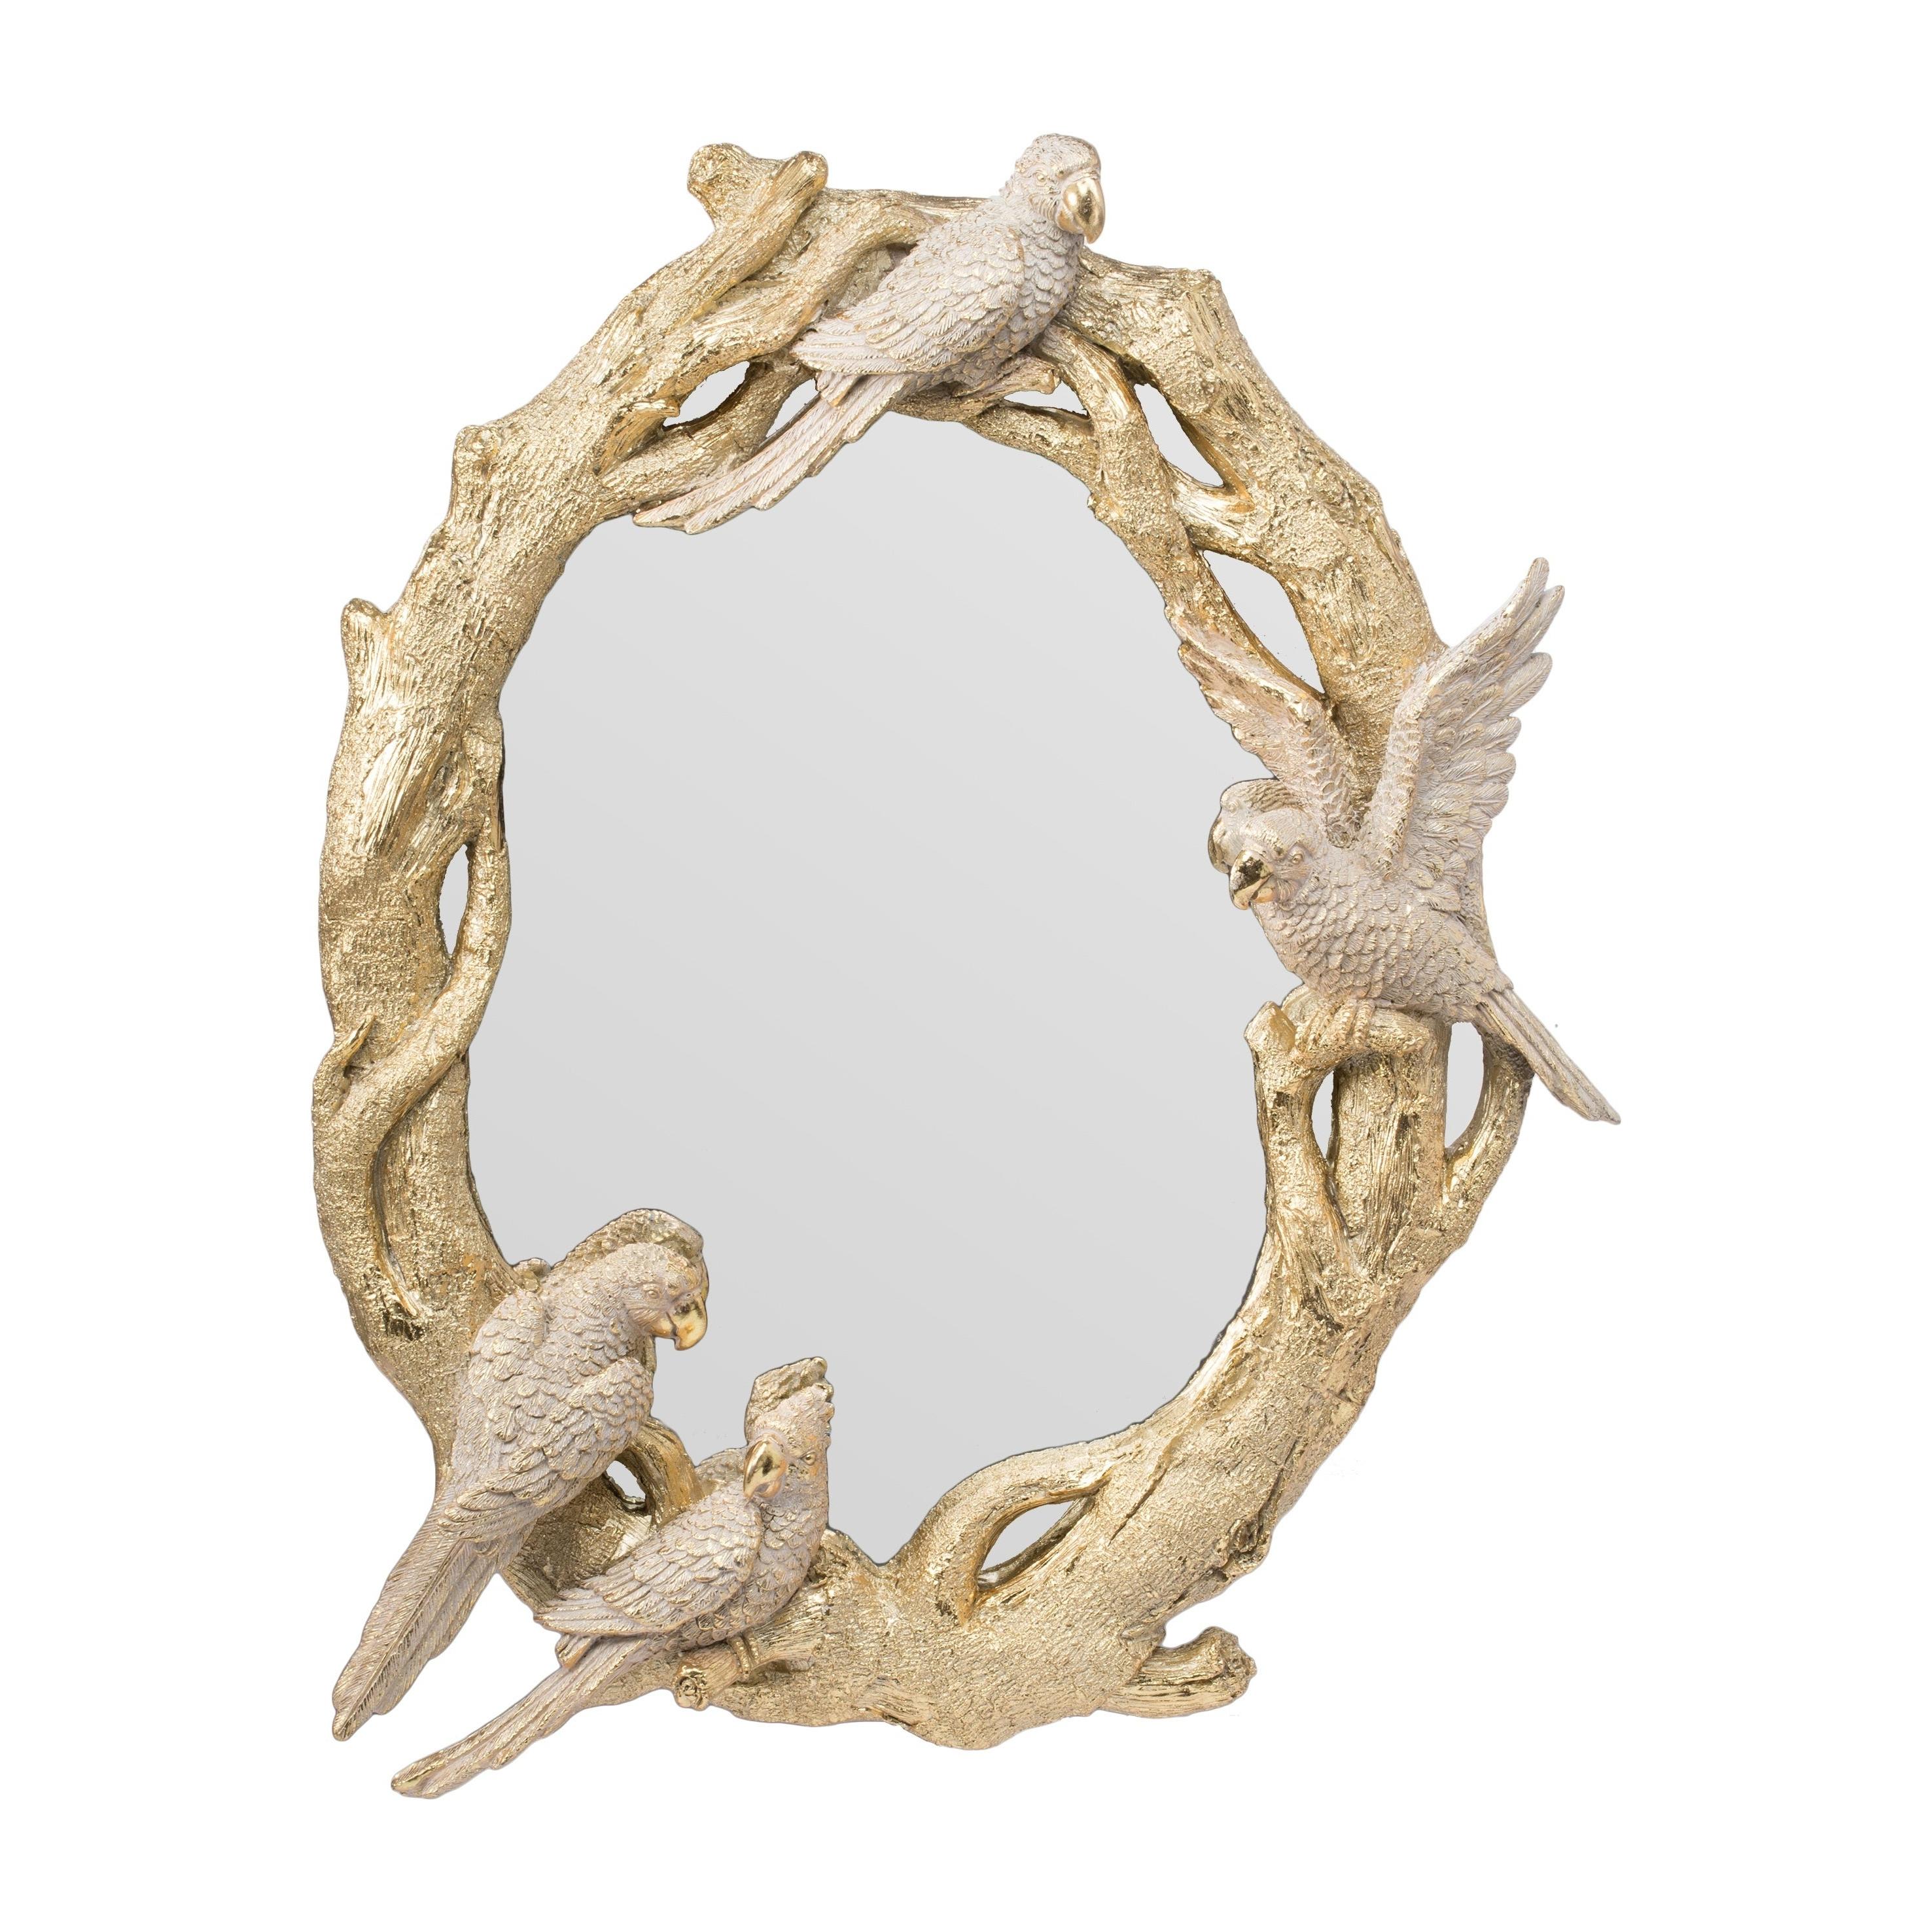 2019 Ramani Bird Wall Mirror, 17.5x3x (View 11 of 20)